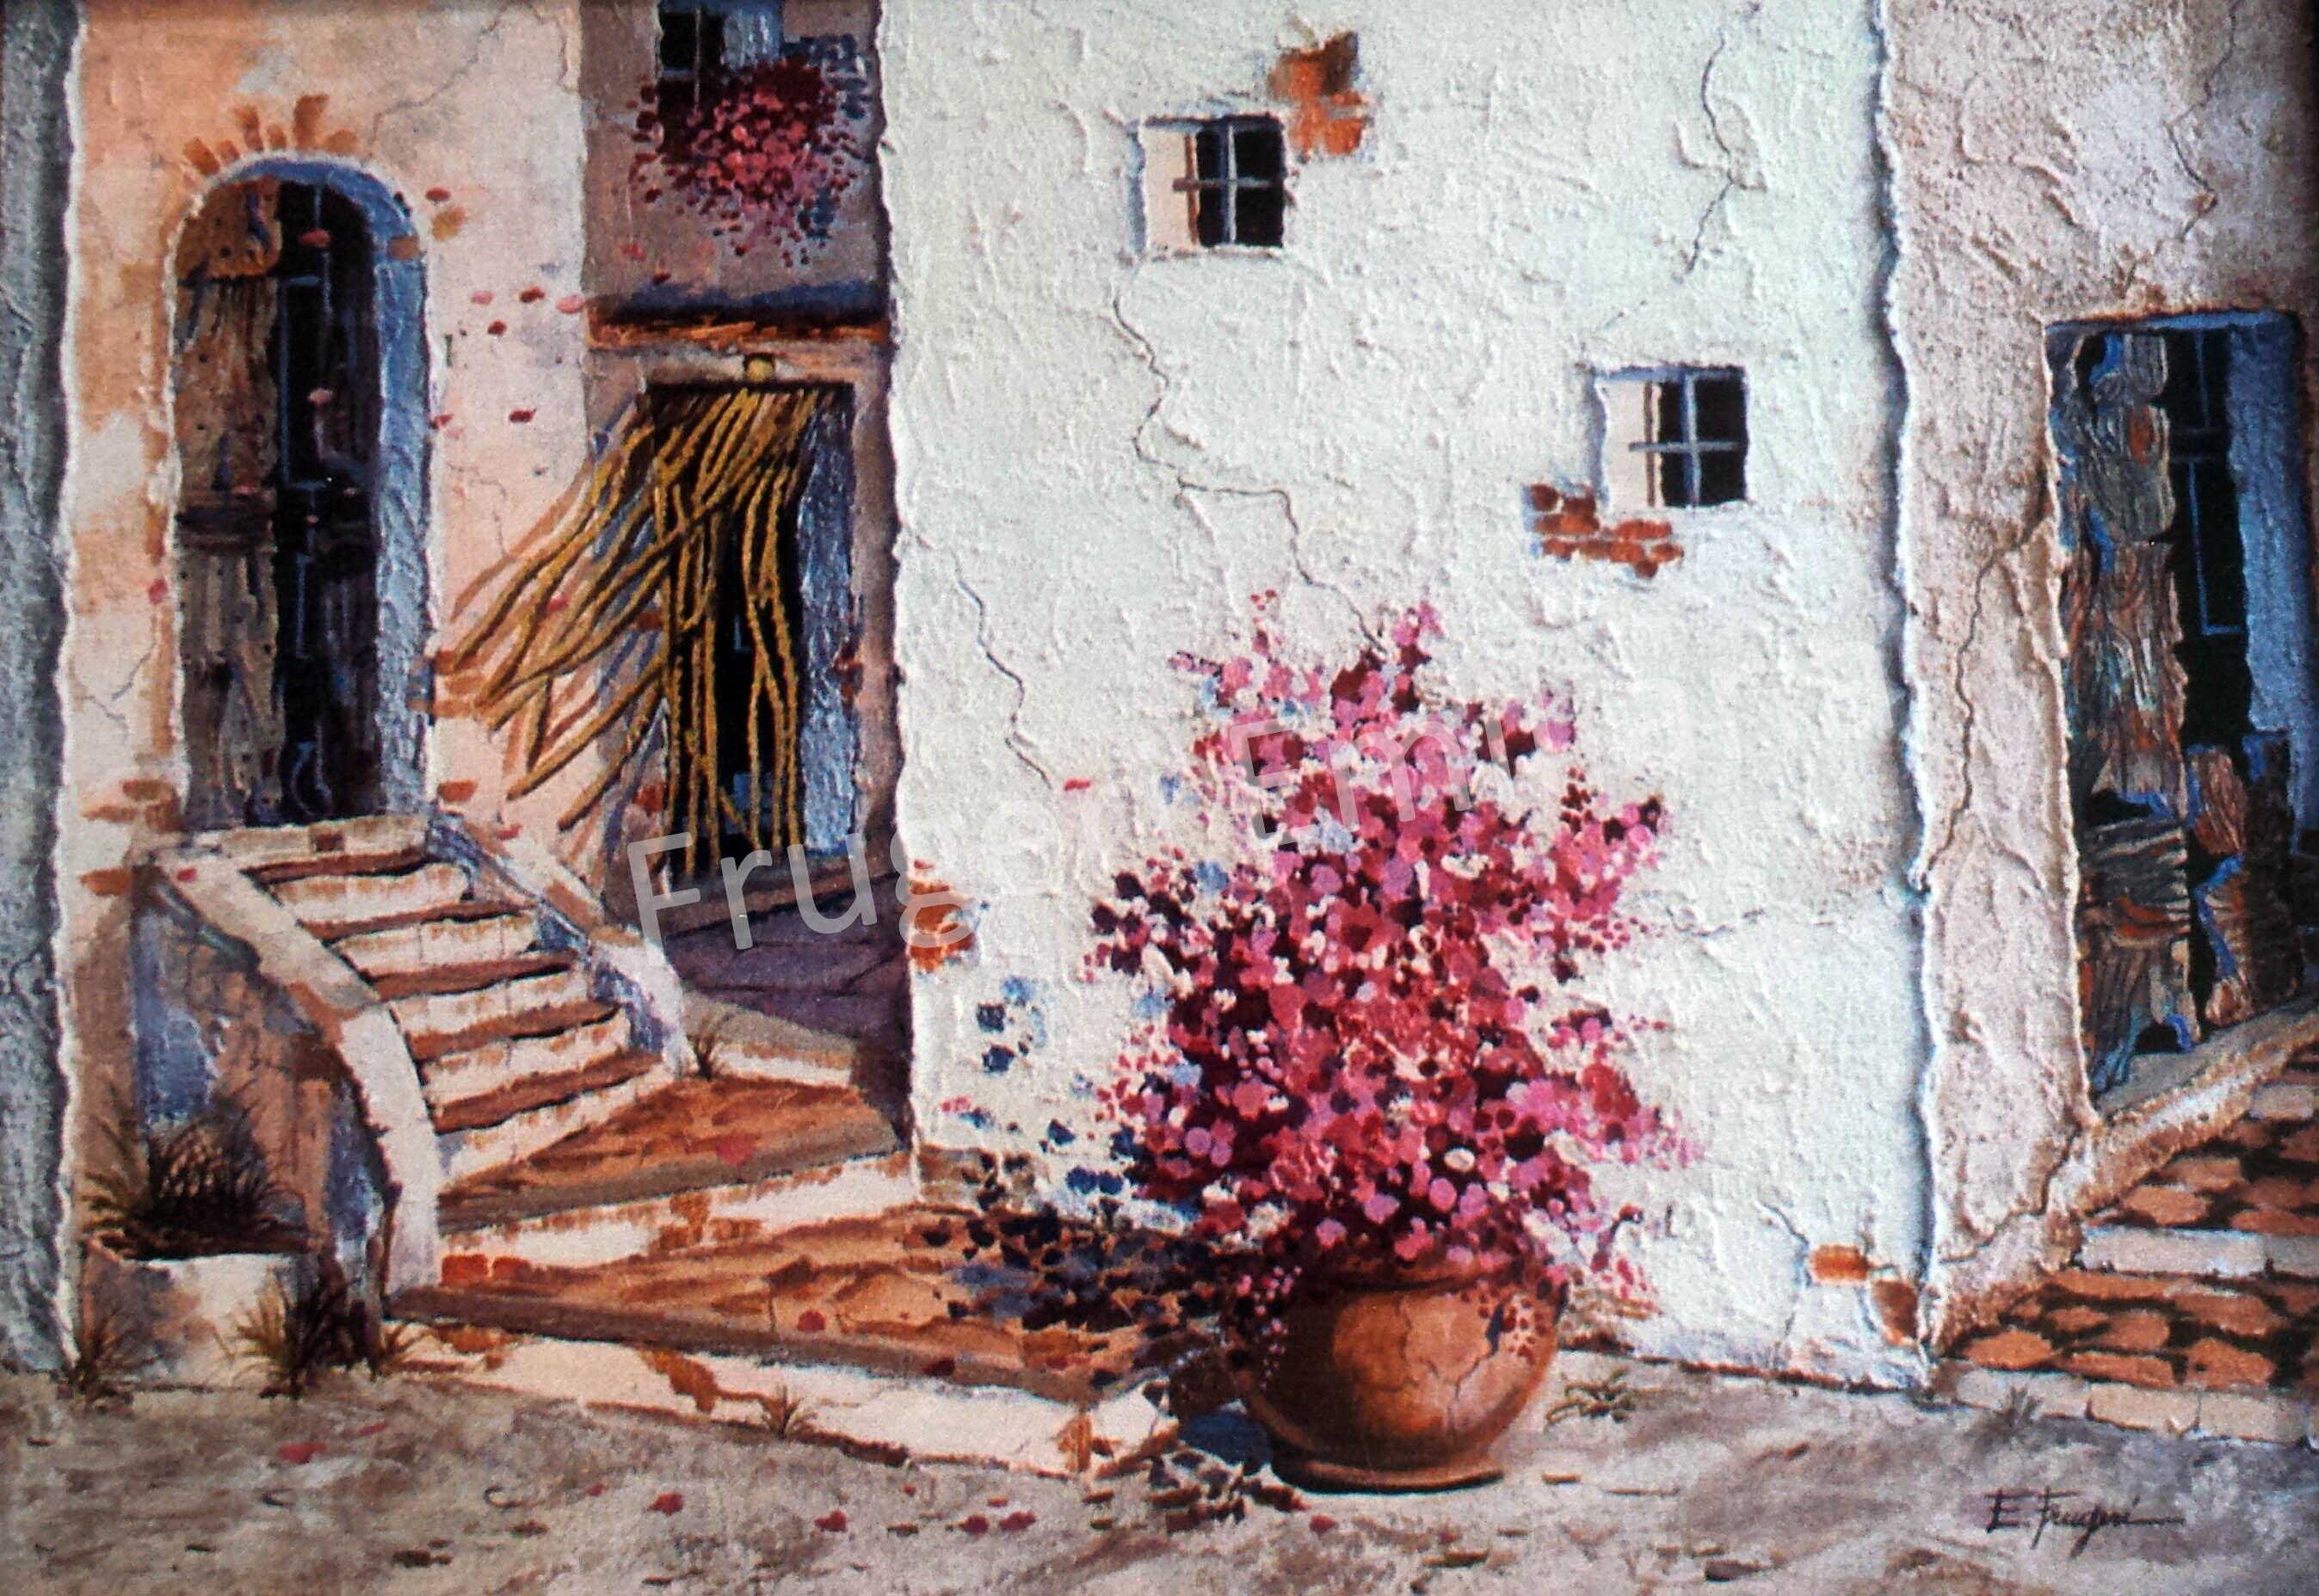 Frugeri Emiliana 230-Localita' Sant'Erasmo-50x70-Olio su Tela